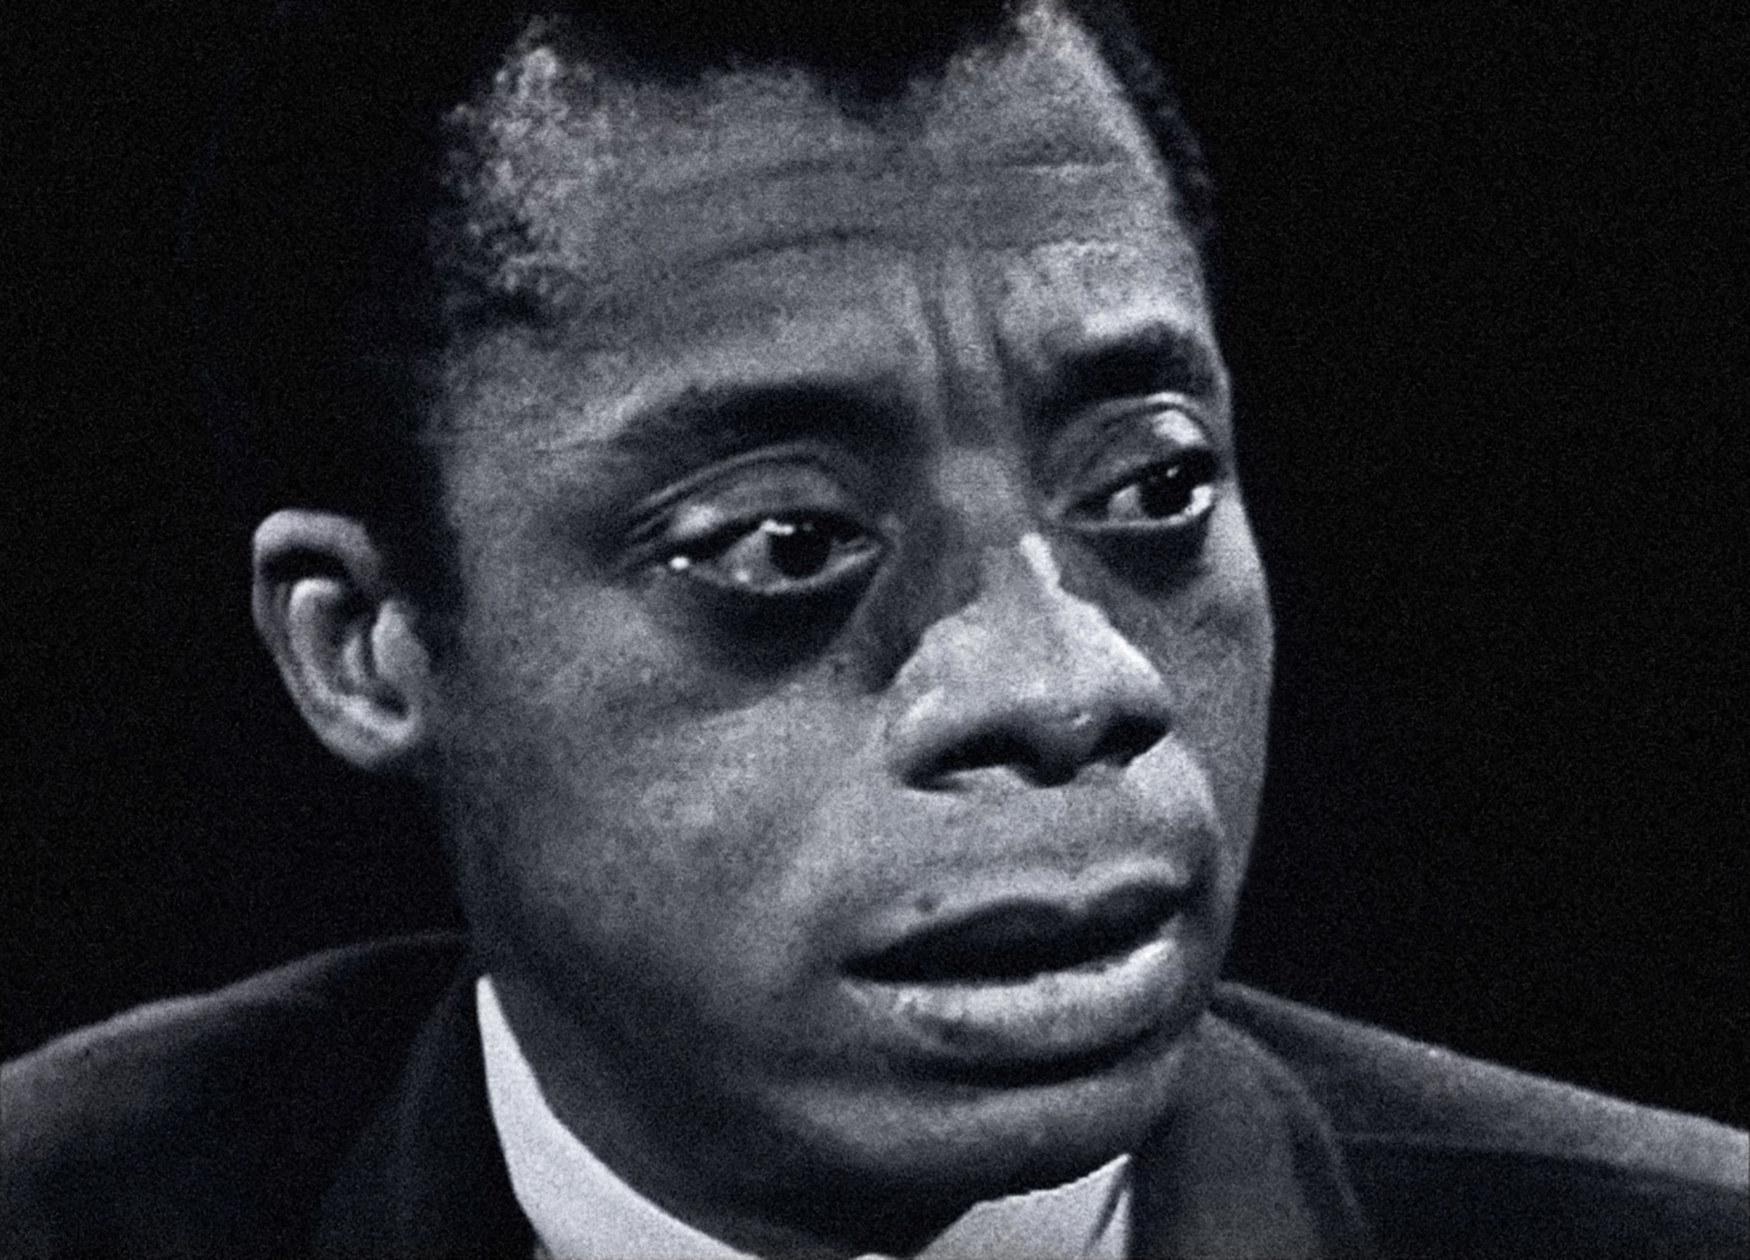 Interview footage of James Baldwin